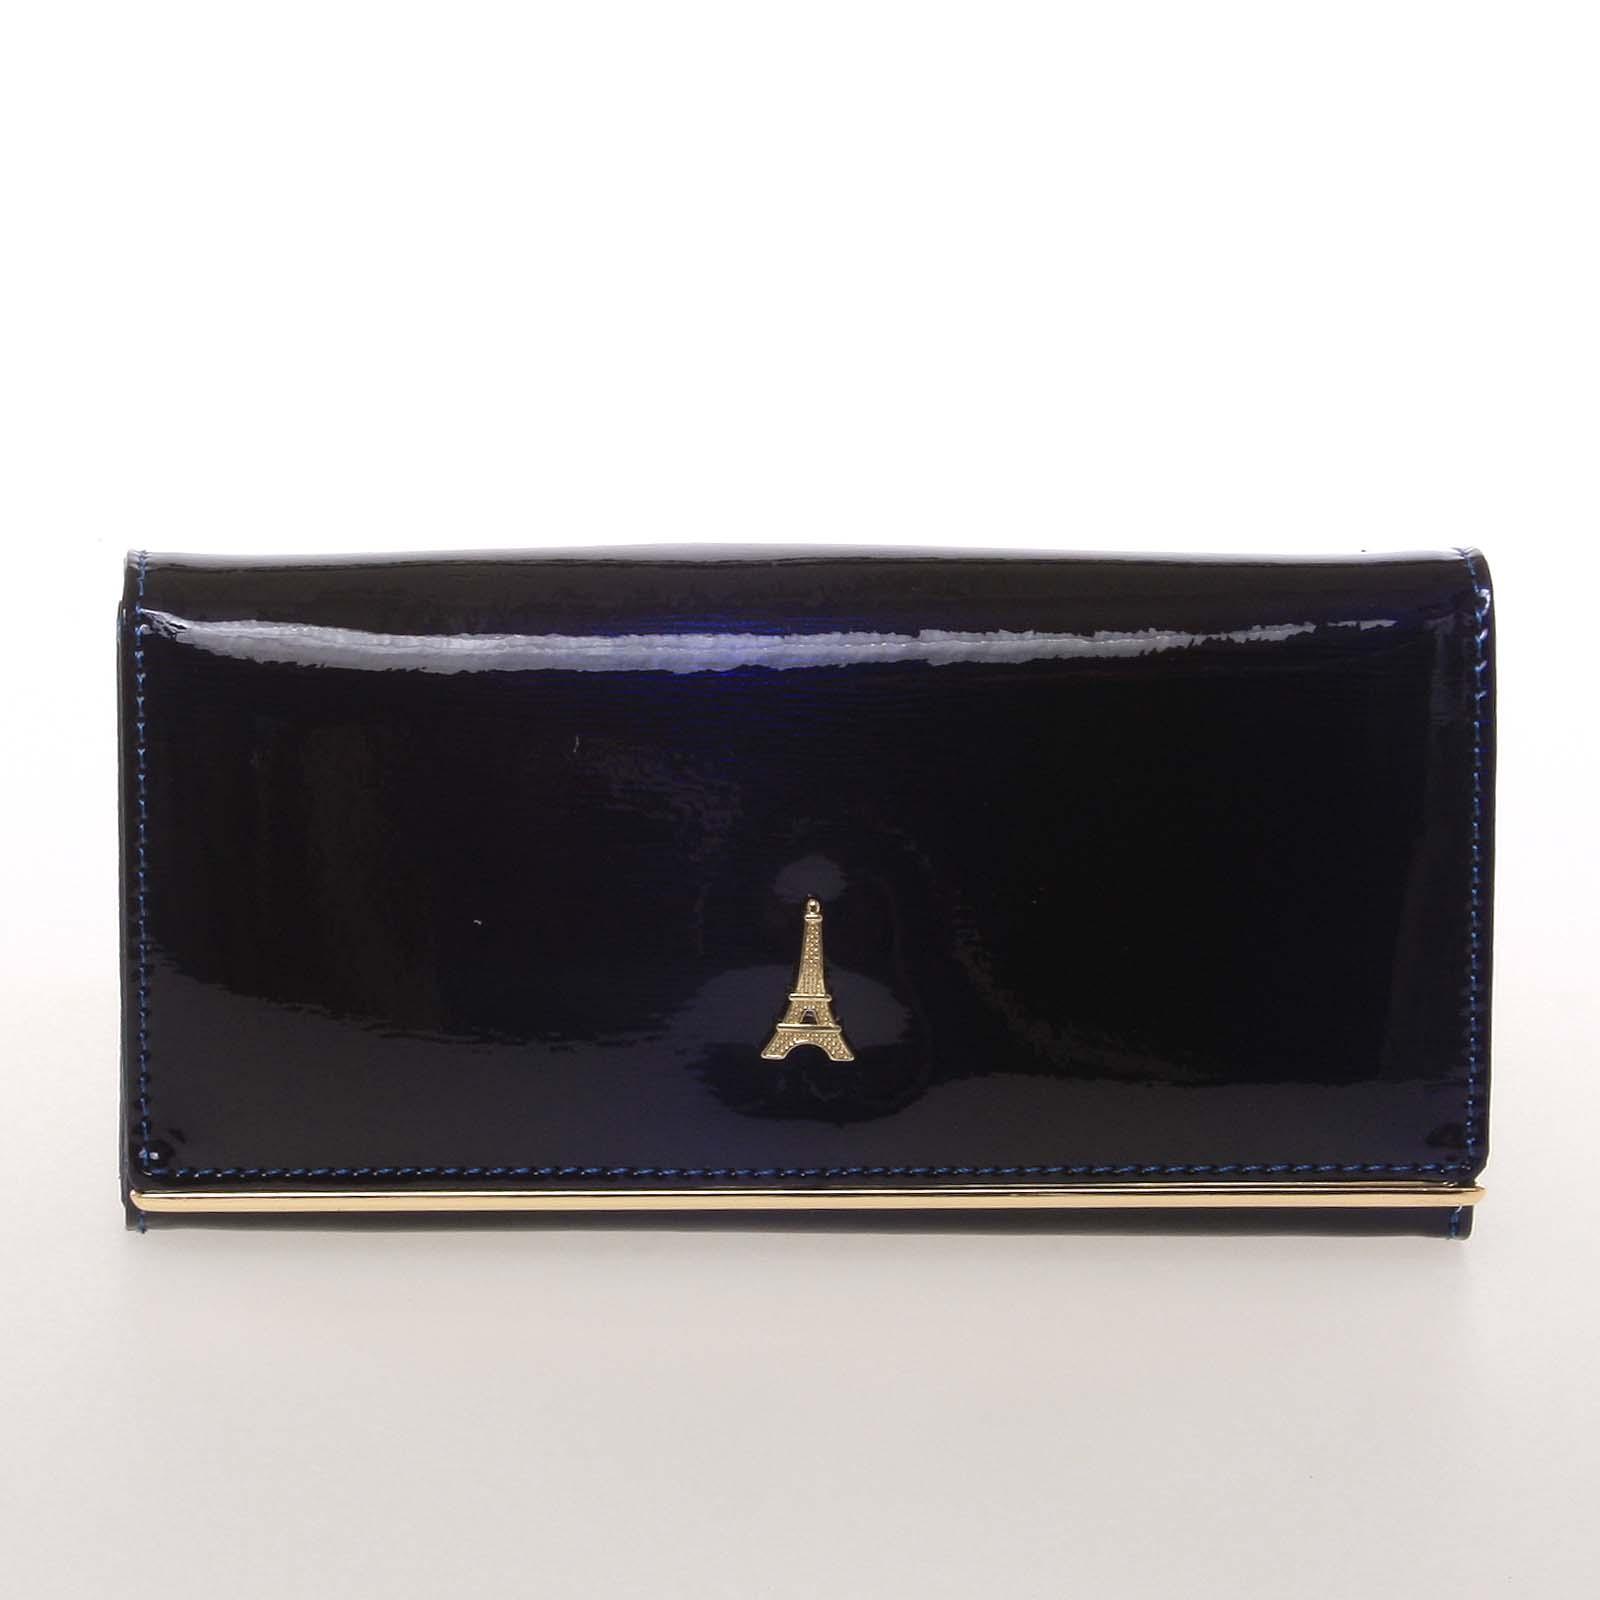 Jedinečná kožená lakovaná dámská peněženka modrá - PARIS 64003DSHK